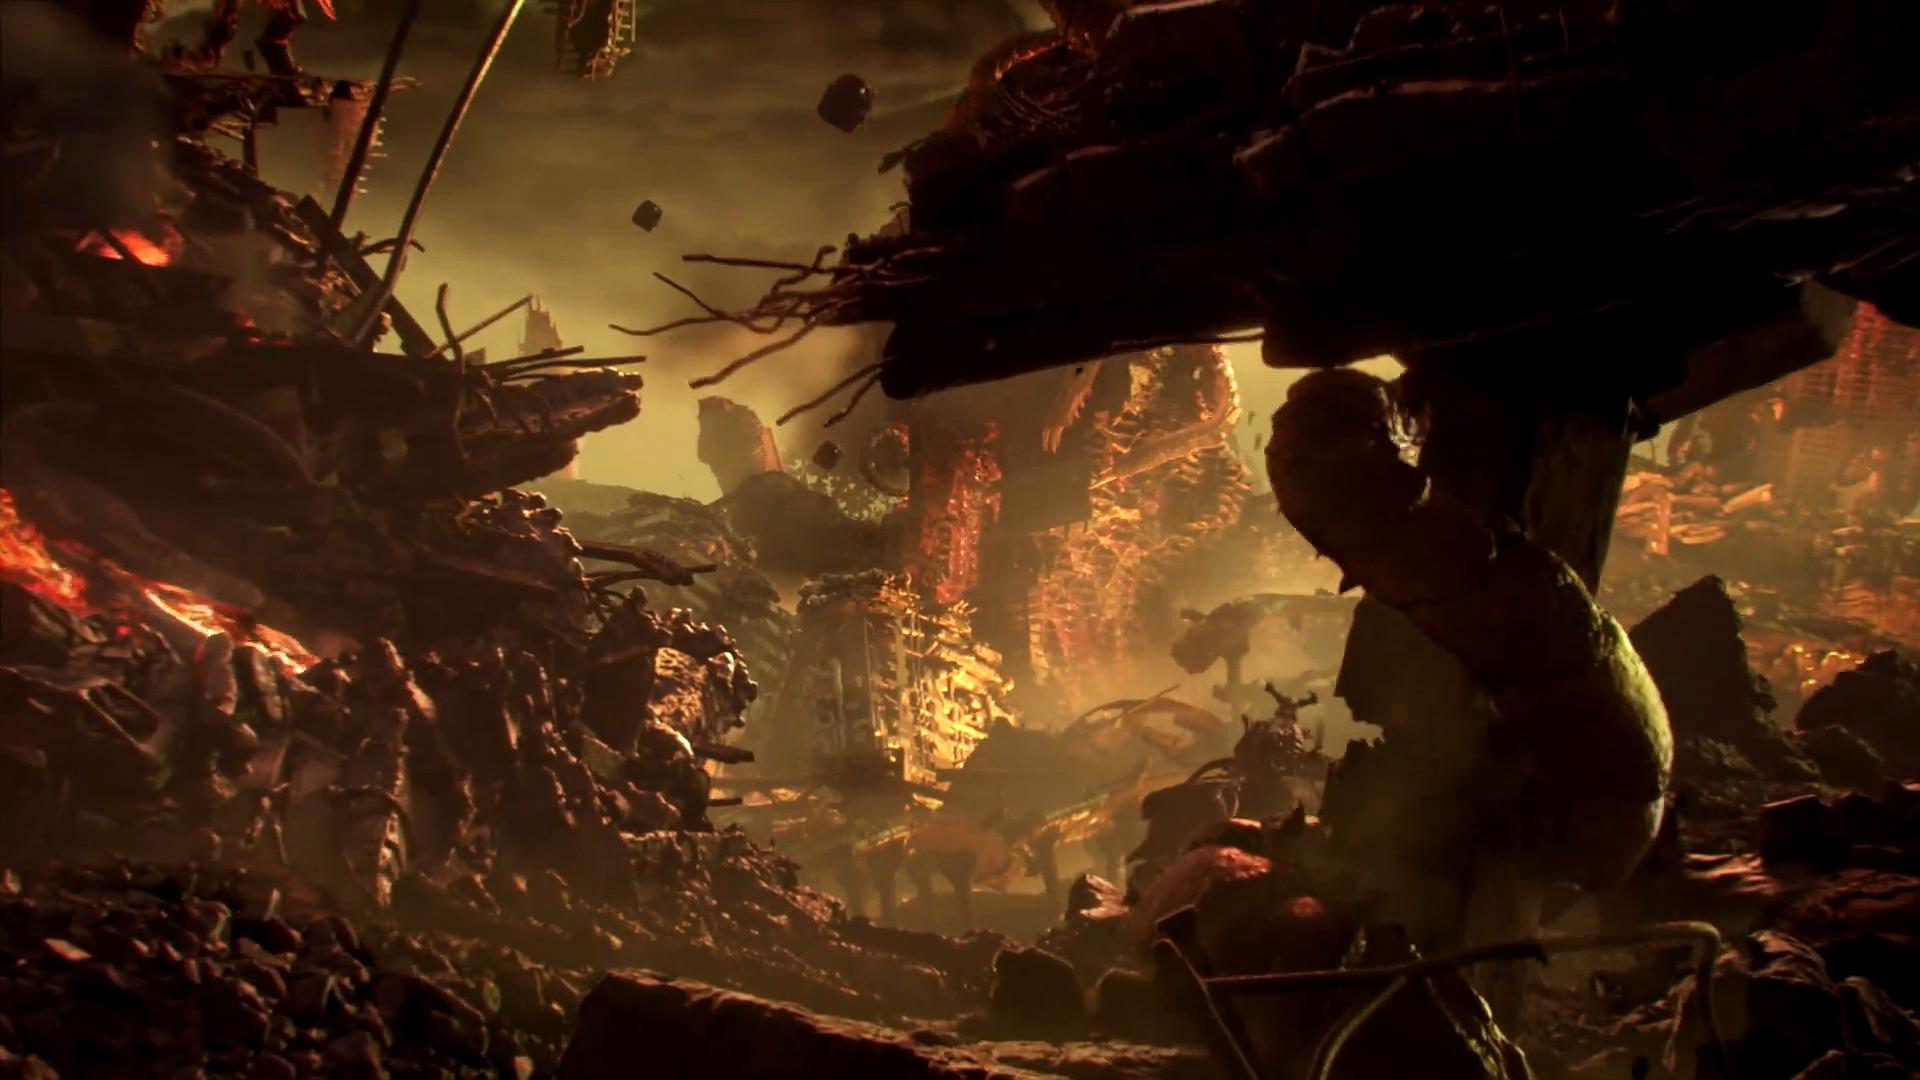 游戏CG动画欣赏-《毁灭战士:永恒》